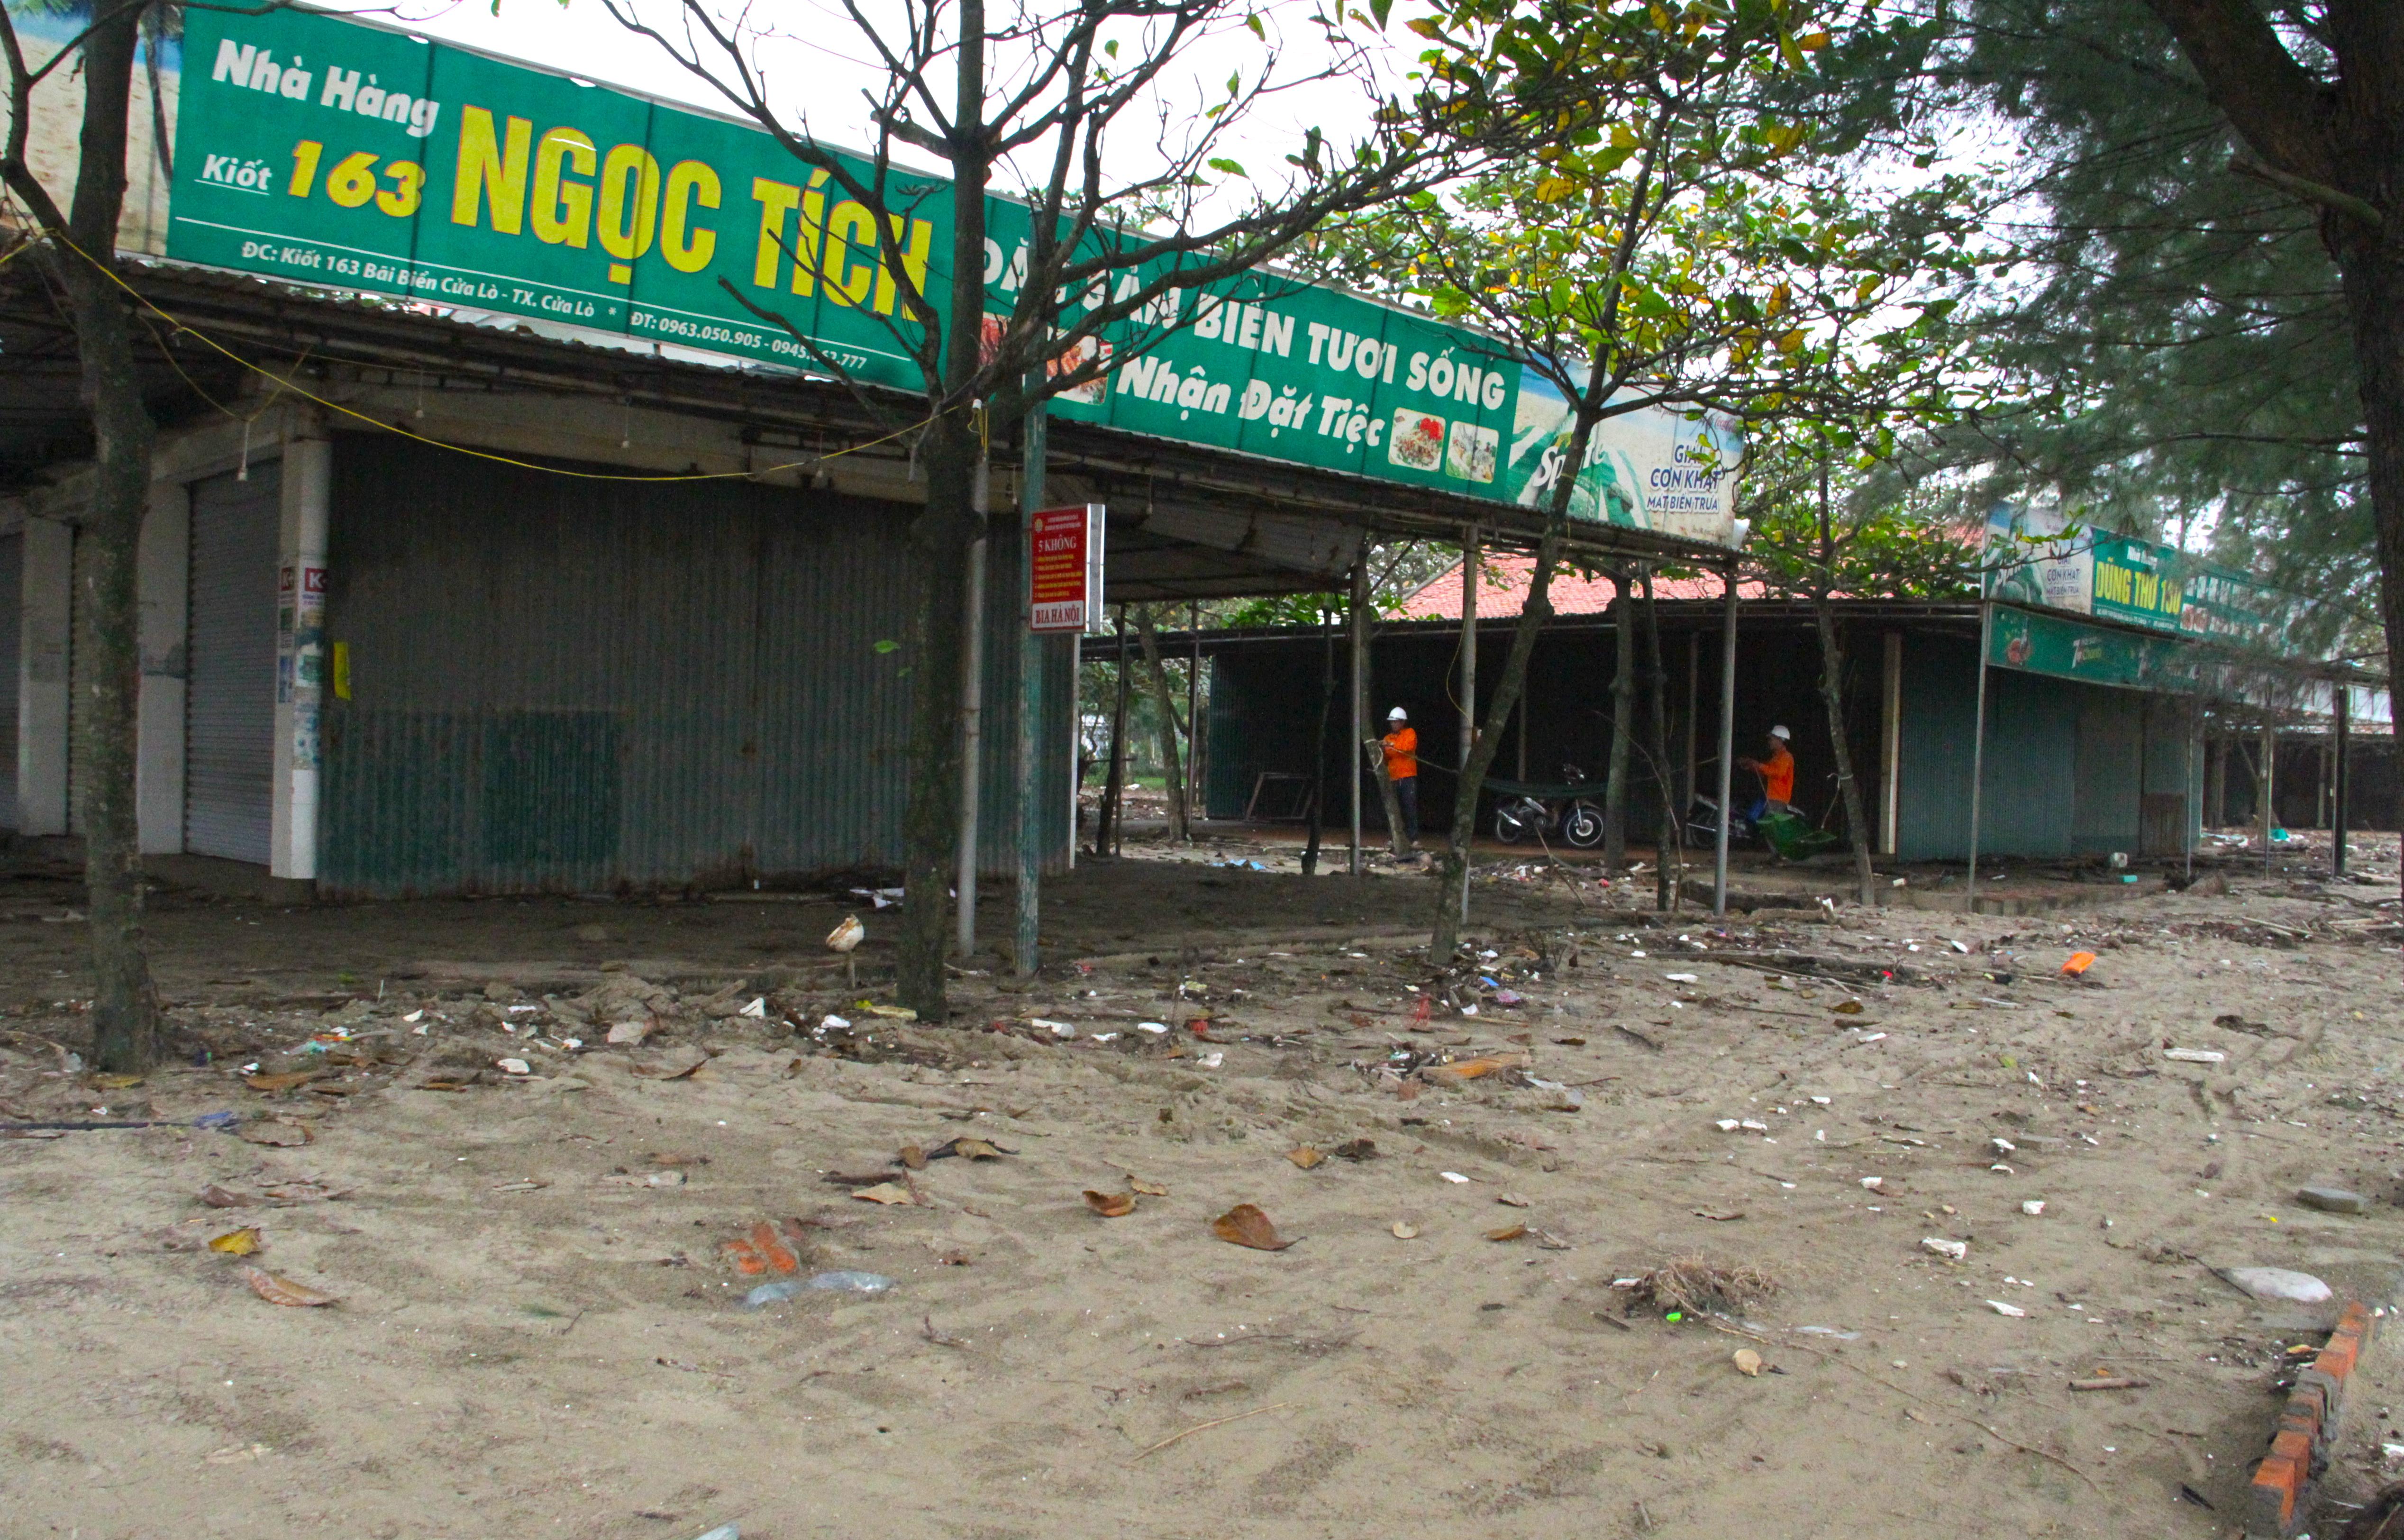 Cận cảnh gần 4km tuyến kè, đê biển Cửa Lò tan hoang sau bão lũ, hàng quán điêu đứng - Ảnh 2.